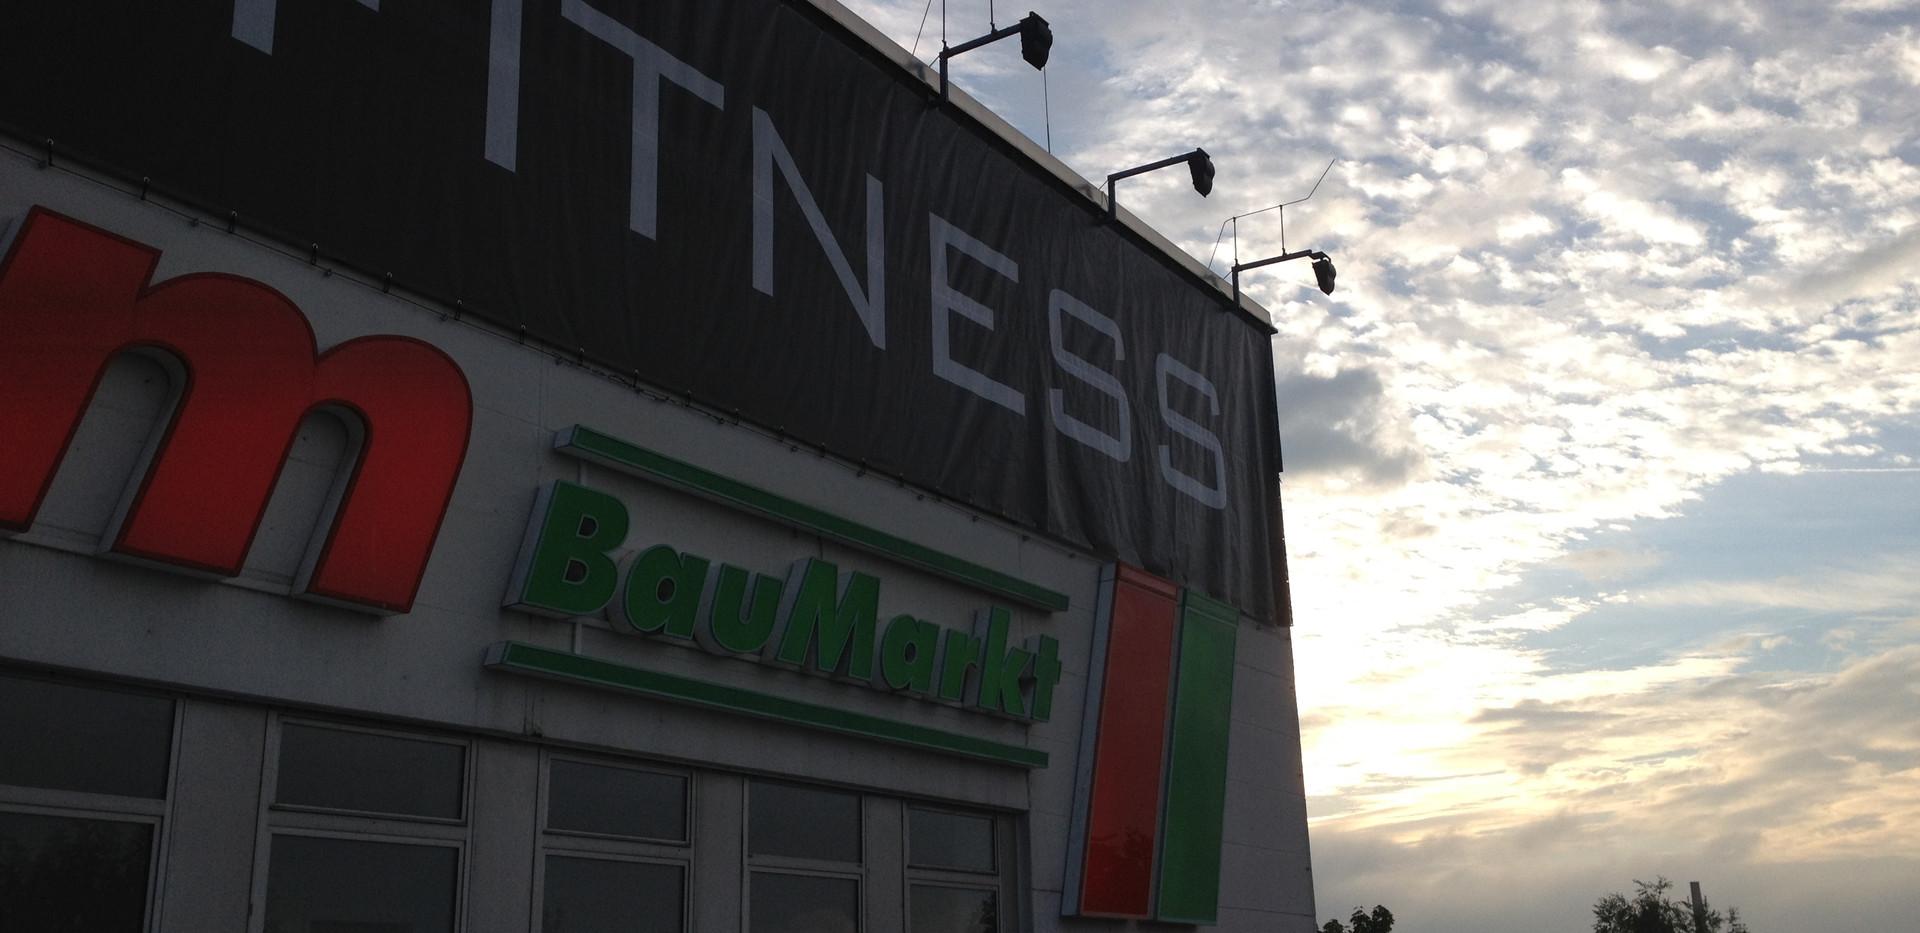 Meshbanner, Gesamtlänge um das Gebäude ca. 80 m, Höhe ca. 3,50 m